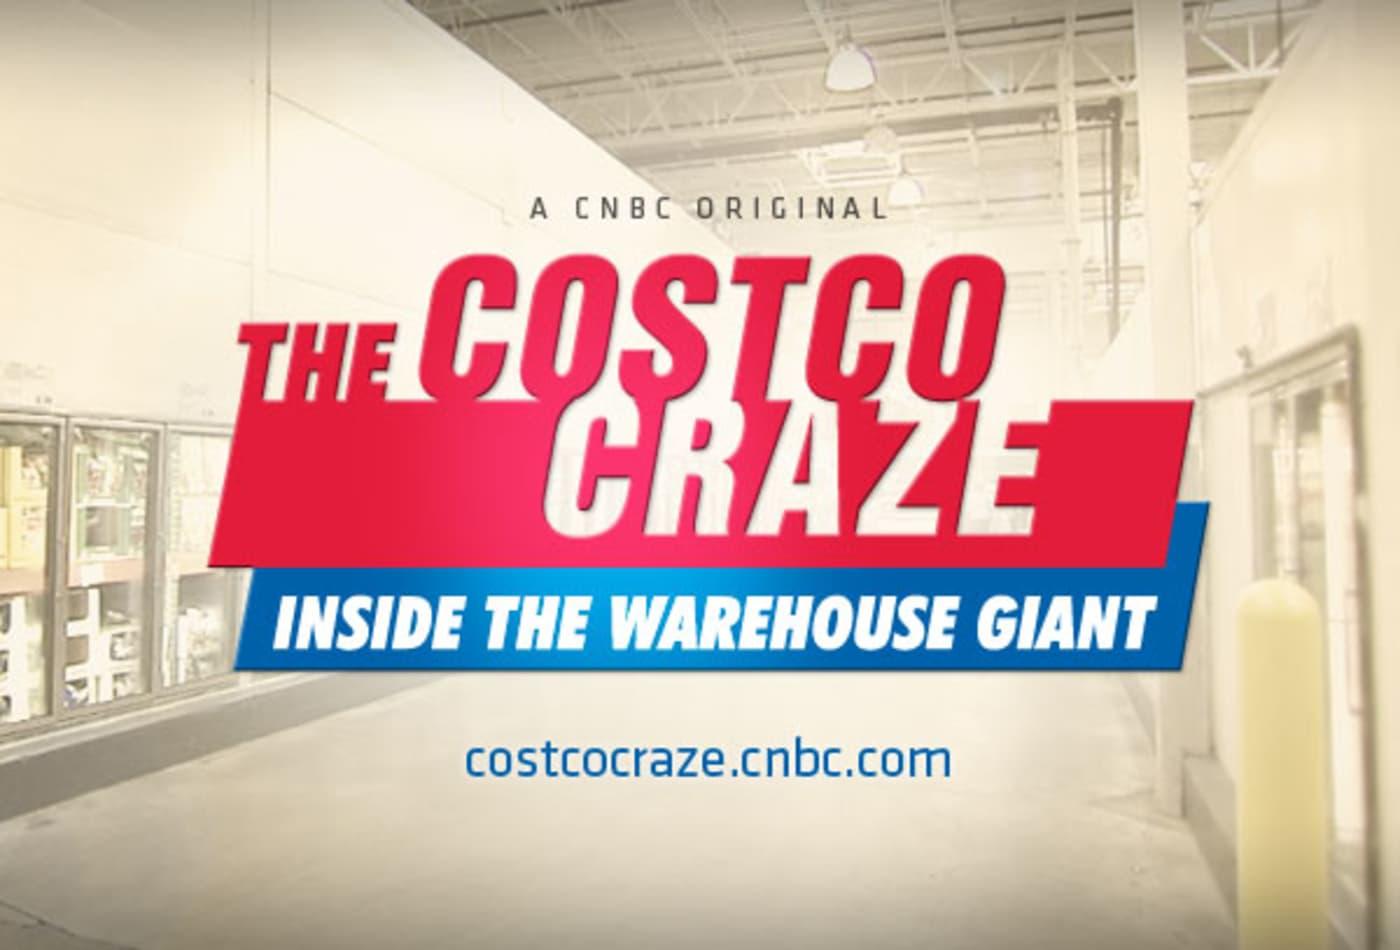 47091427 costco-craze-endslide.jpg